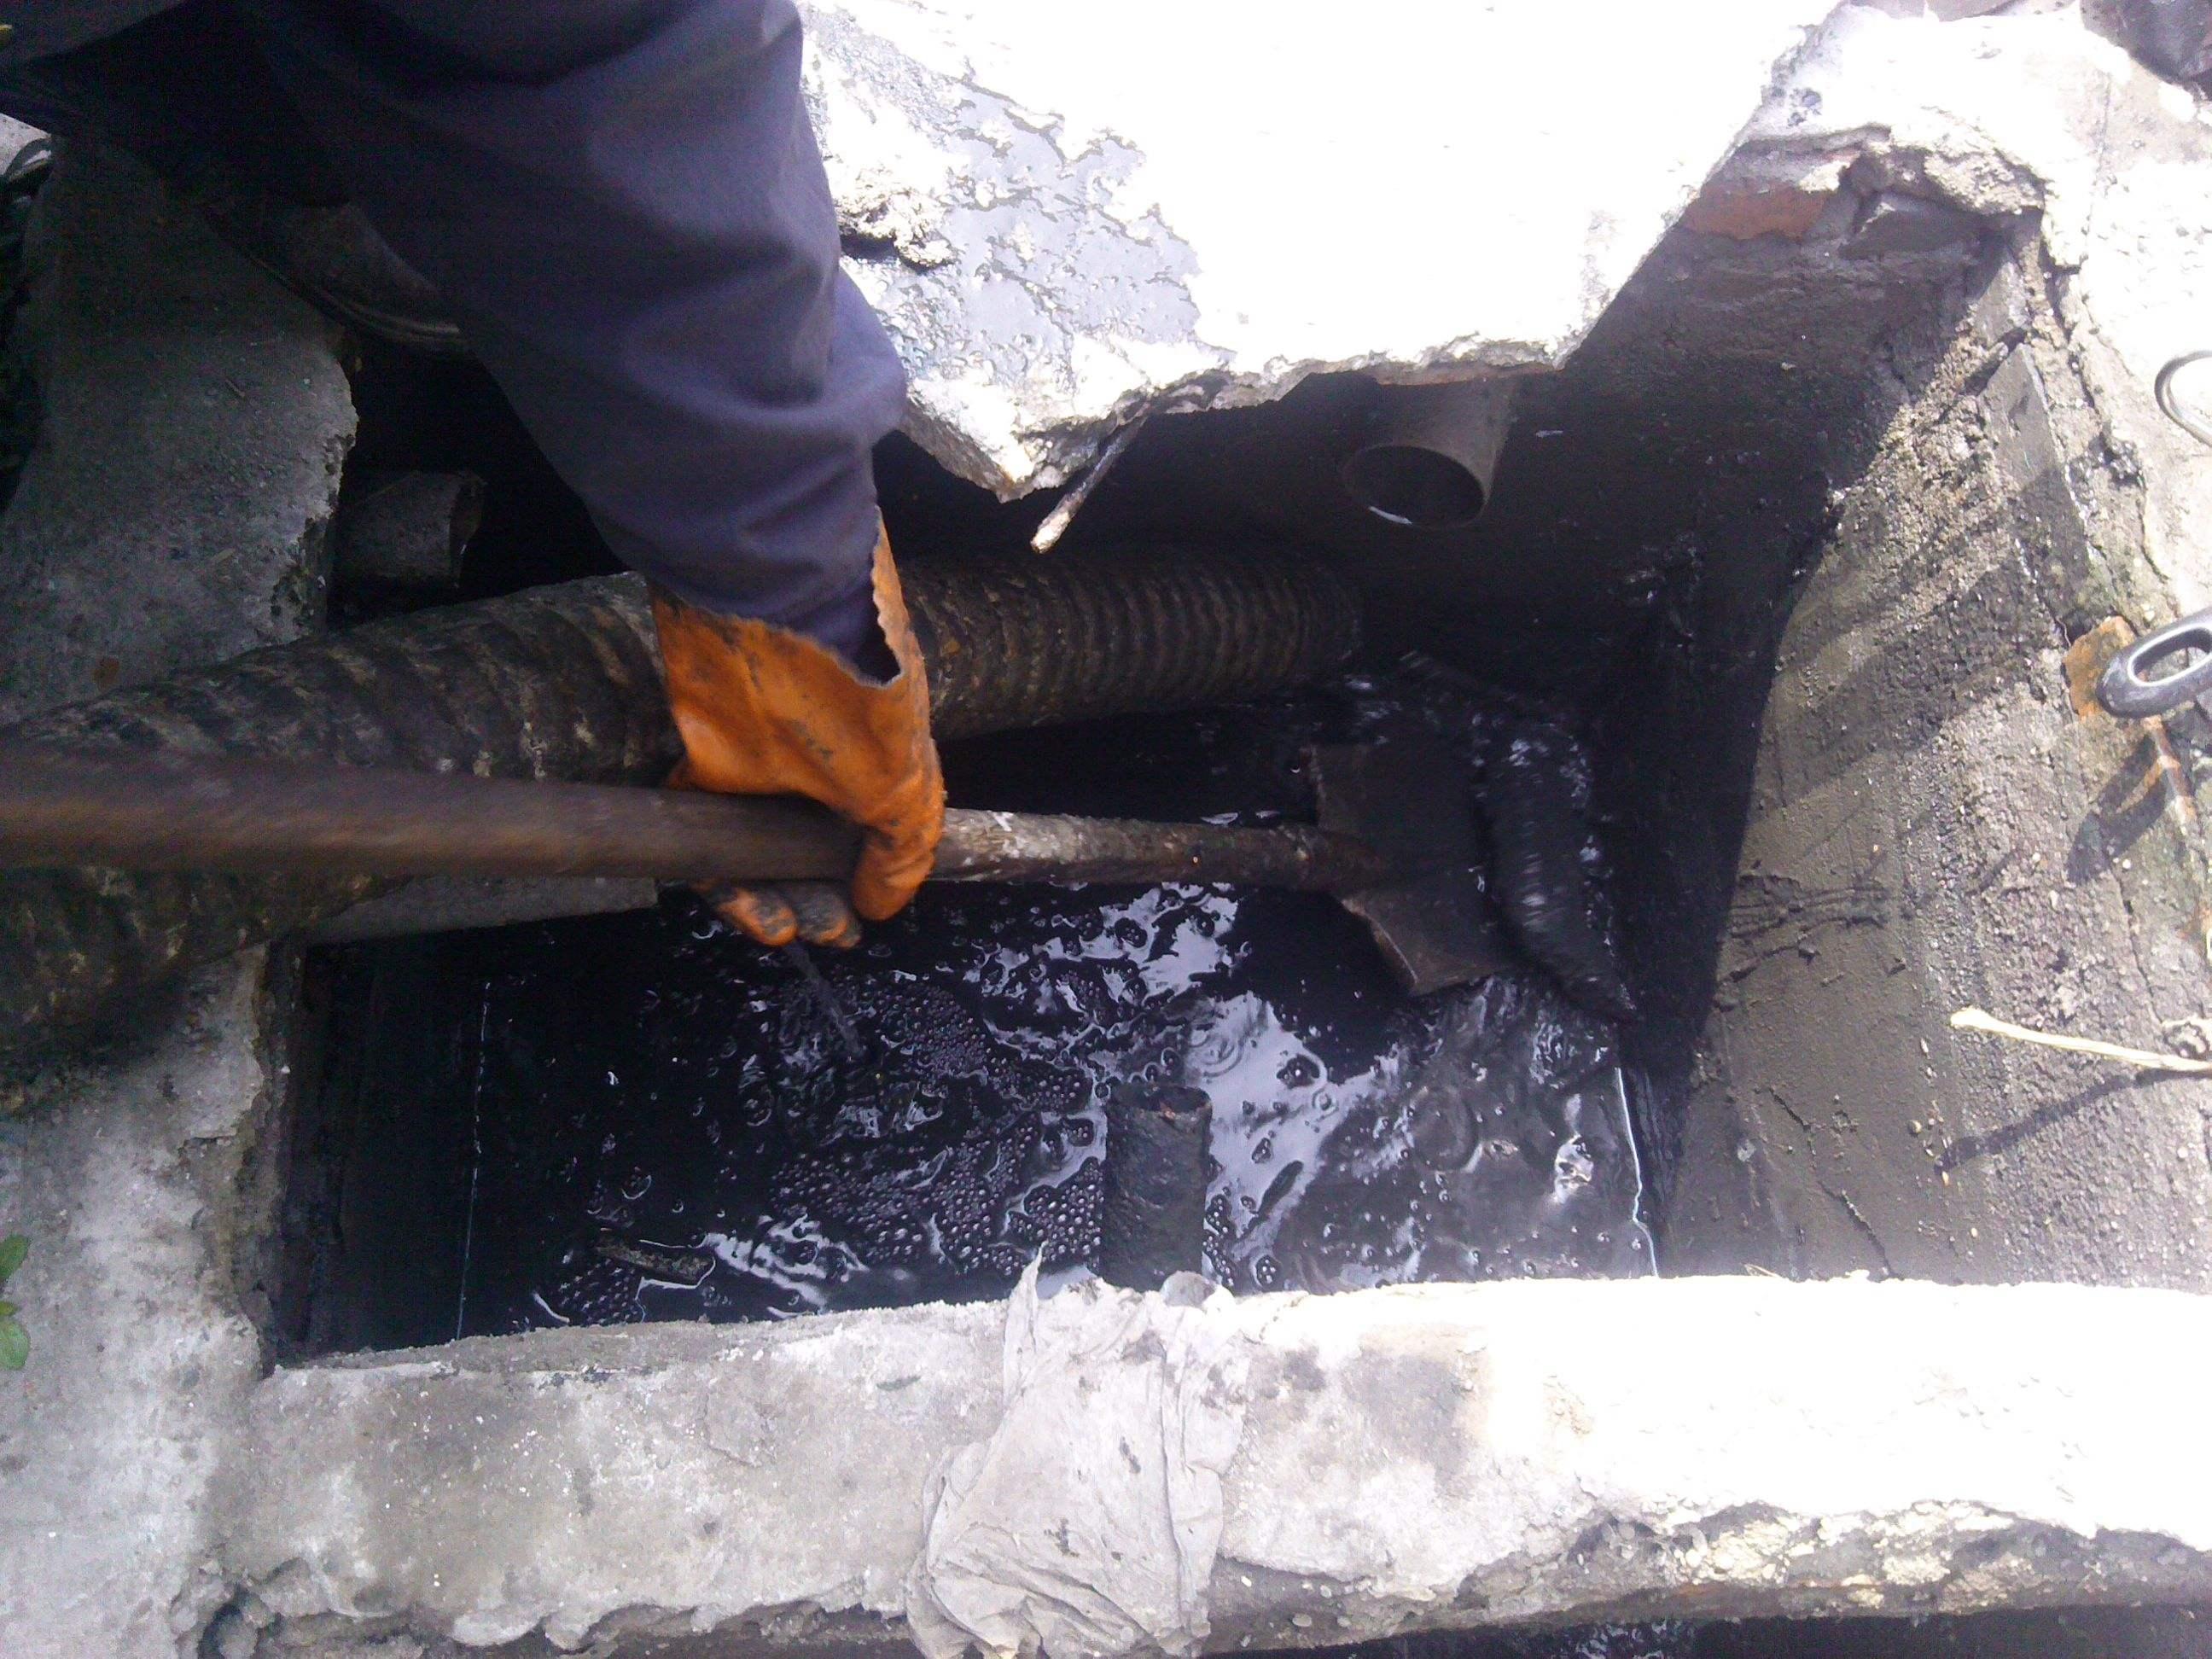 东莞化粪池清理价格,化粪池清理服务热线、东莞24小时化粪池清理上门服务